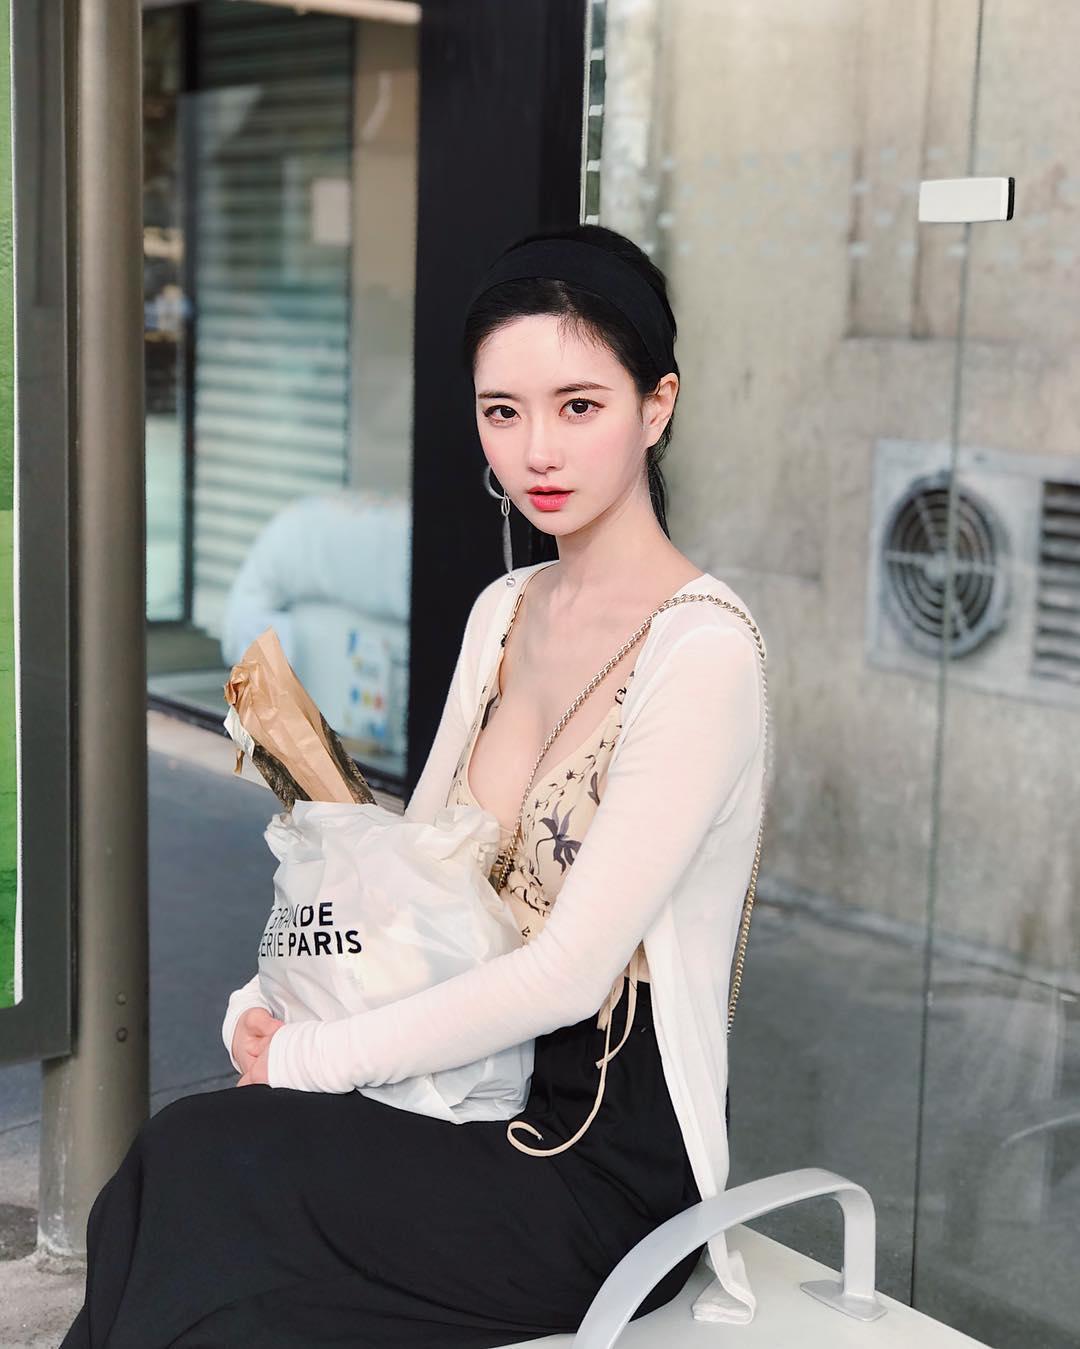 Nguyên tắc thời trang giúp thiếu nữ xứ Hàn khéo hút ánh nhìn nơi công cộng - 1